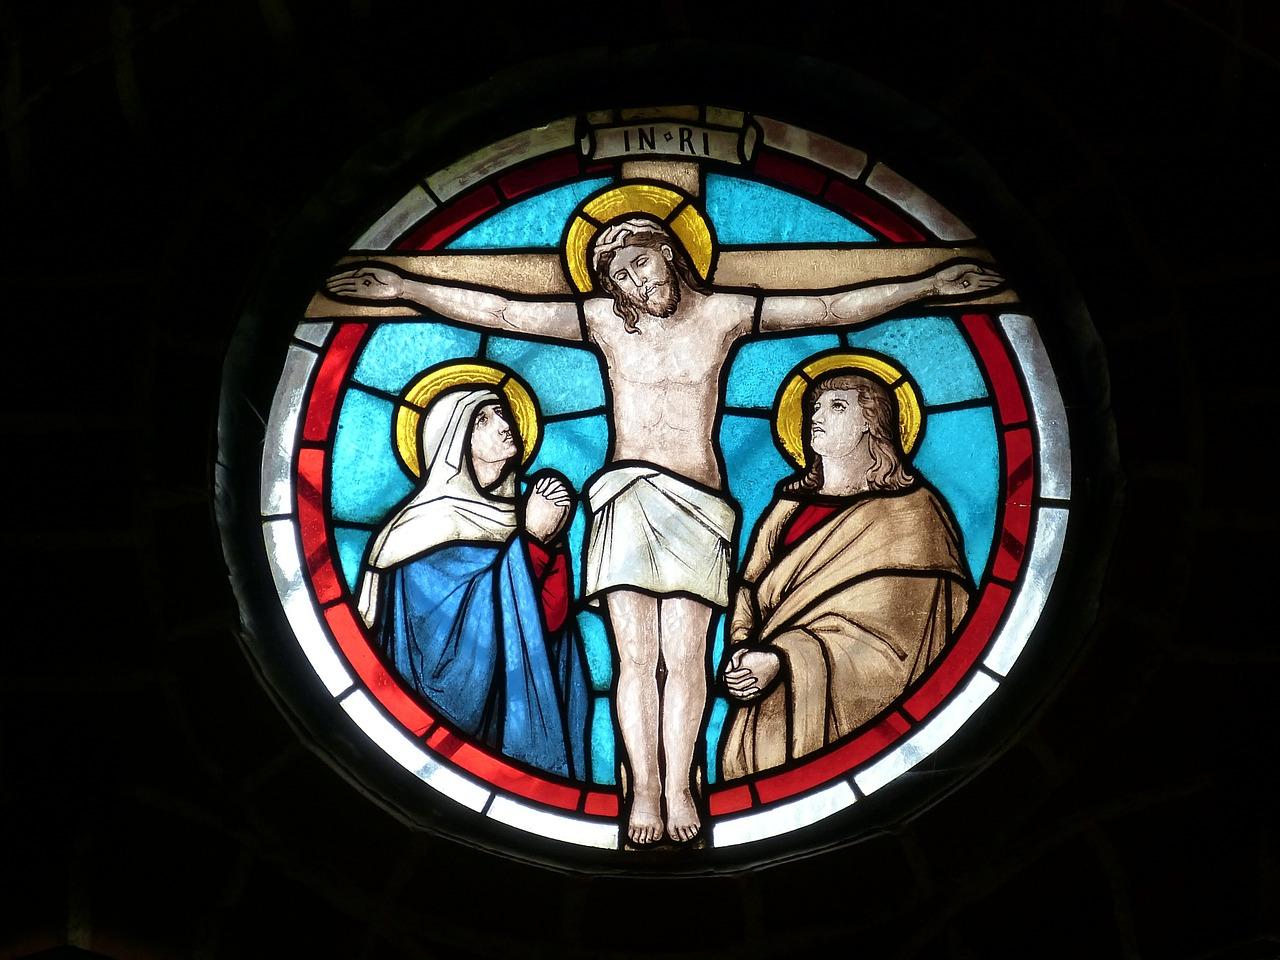 Nagypéntek: Krisztus halálra ítélésének, kereszthalálának a napja